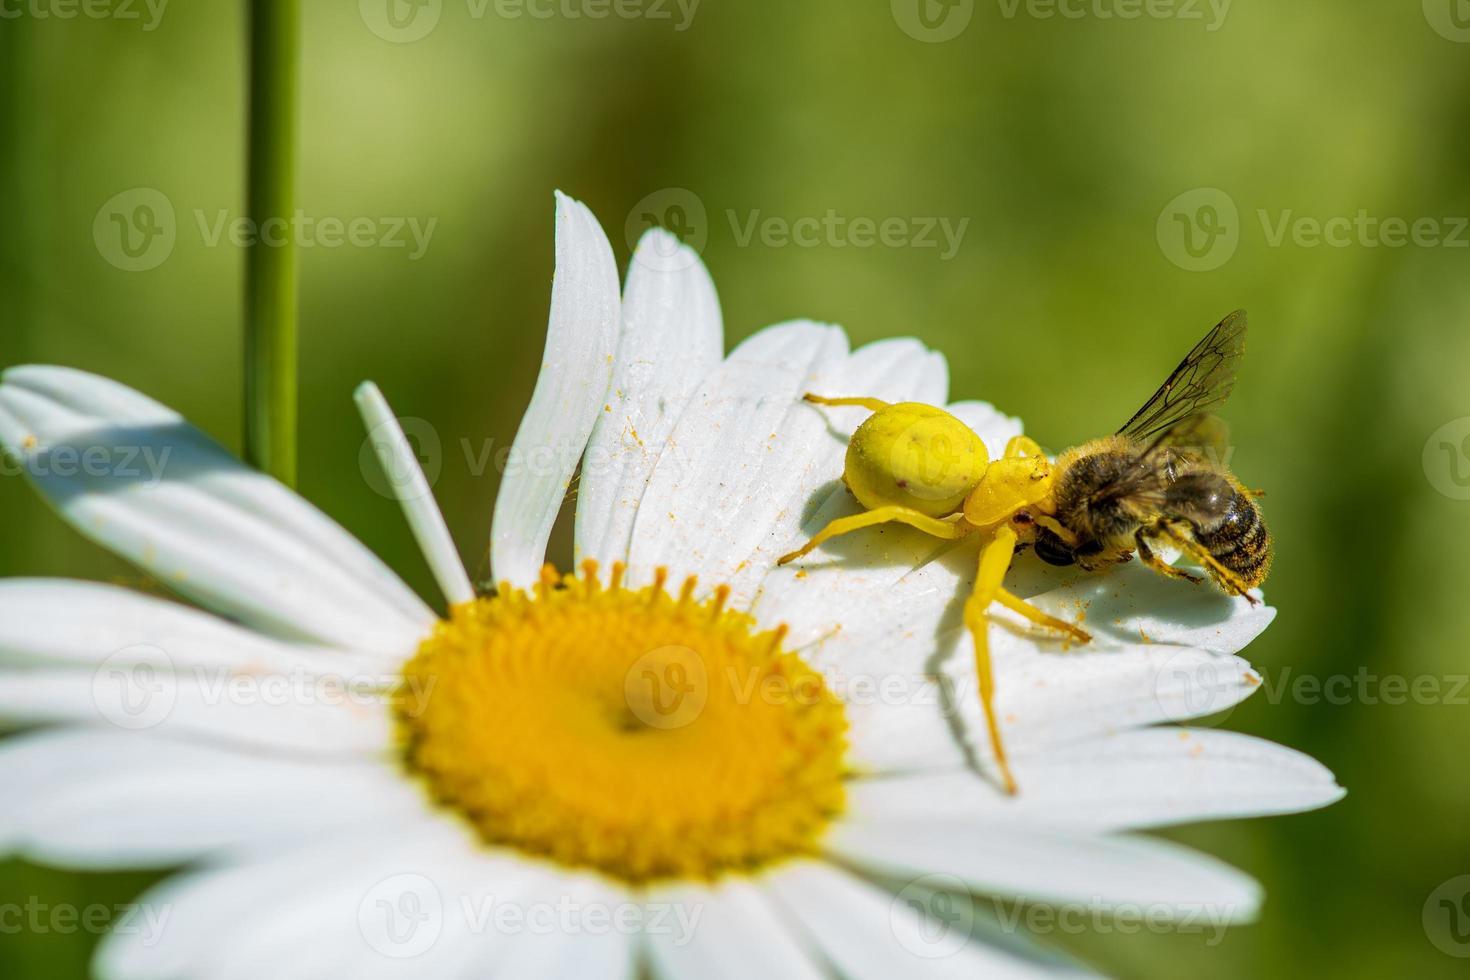 ragno granchio giallo con un'ape su un fiore di margherita foto